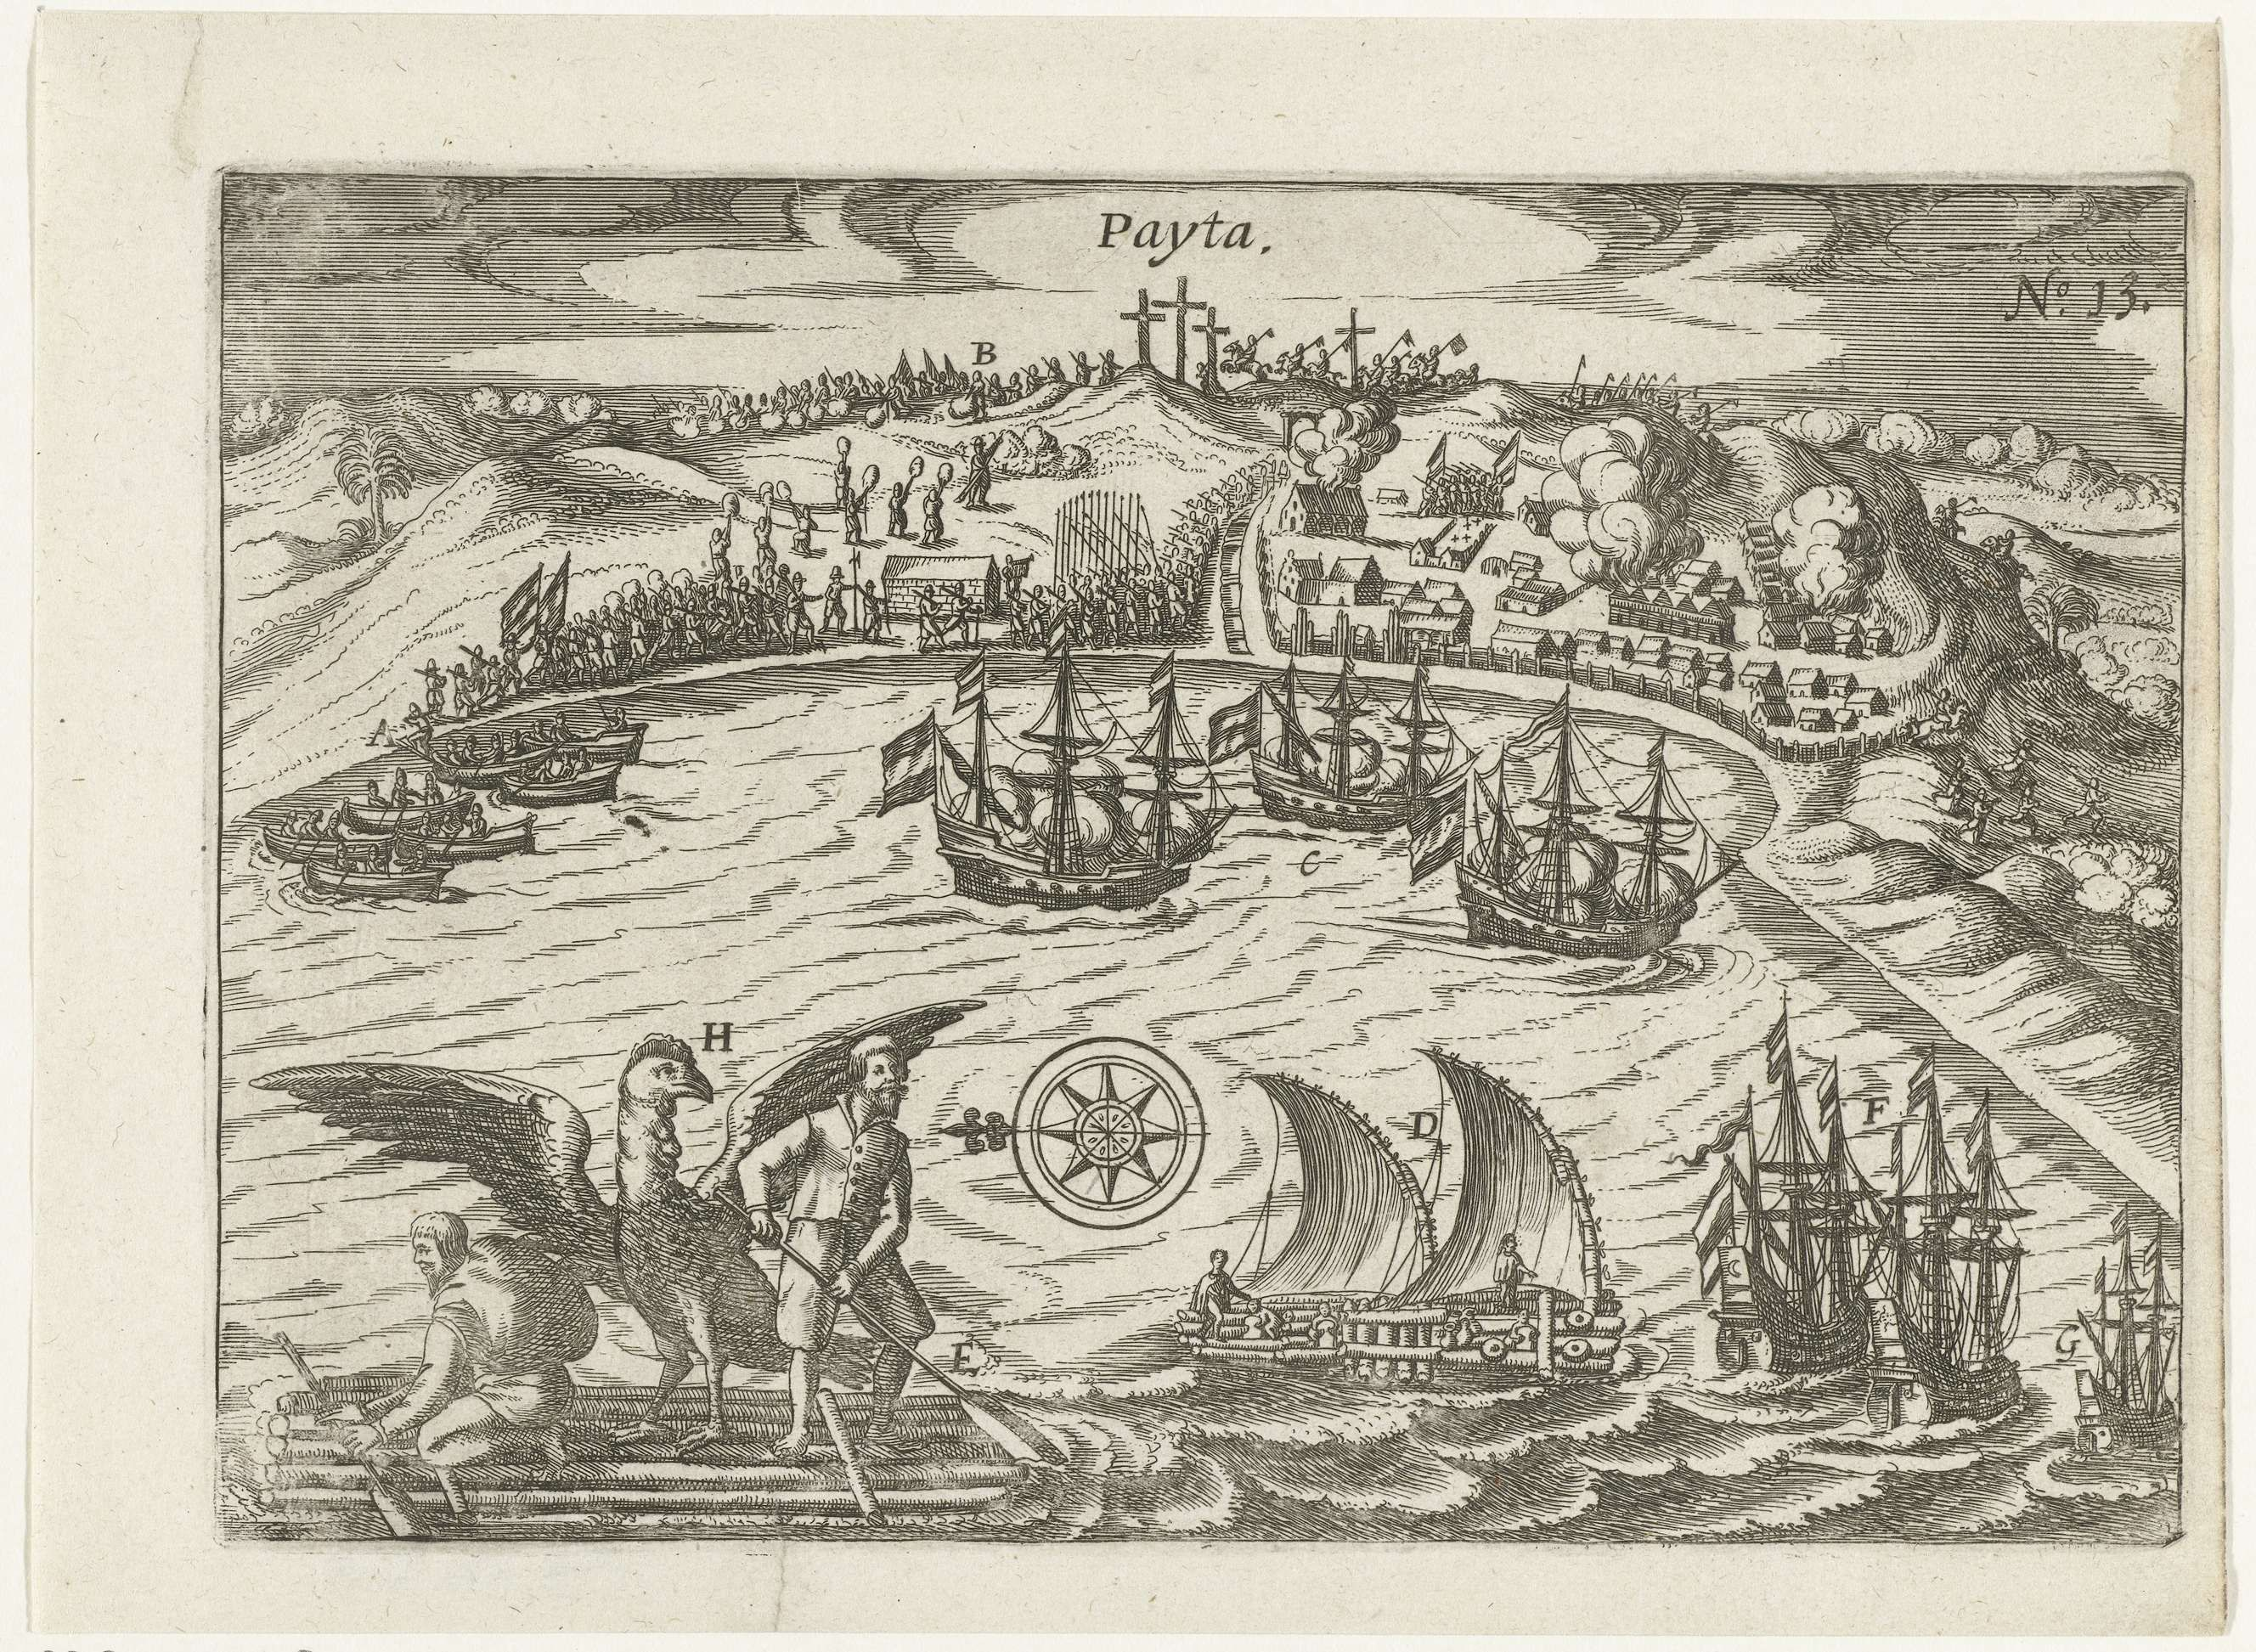 Anonymous | Verovering van Paita, 1615, Anonymous, 1617 - 1619 | Verovering van Paita in Peru, augustus 1615. Drie schepen in de baai beschieten de stad. Op het land gevechten met Spanjaarden. Linksonder voorbeeld van een vlot en een gier die nabij gevangen is. Onderdeel van de illustraties in het verslag van de reis van Joris van Spilbergen om de wereld, 1614-1617, No. 13.